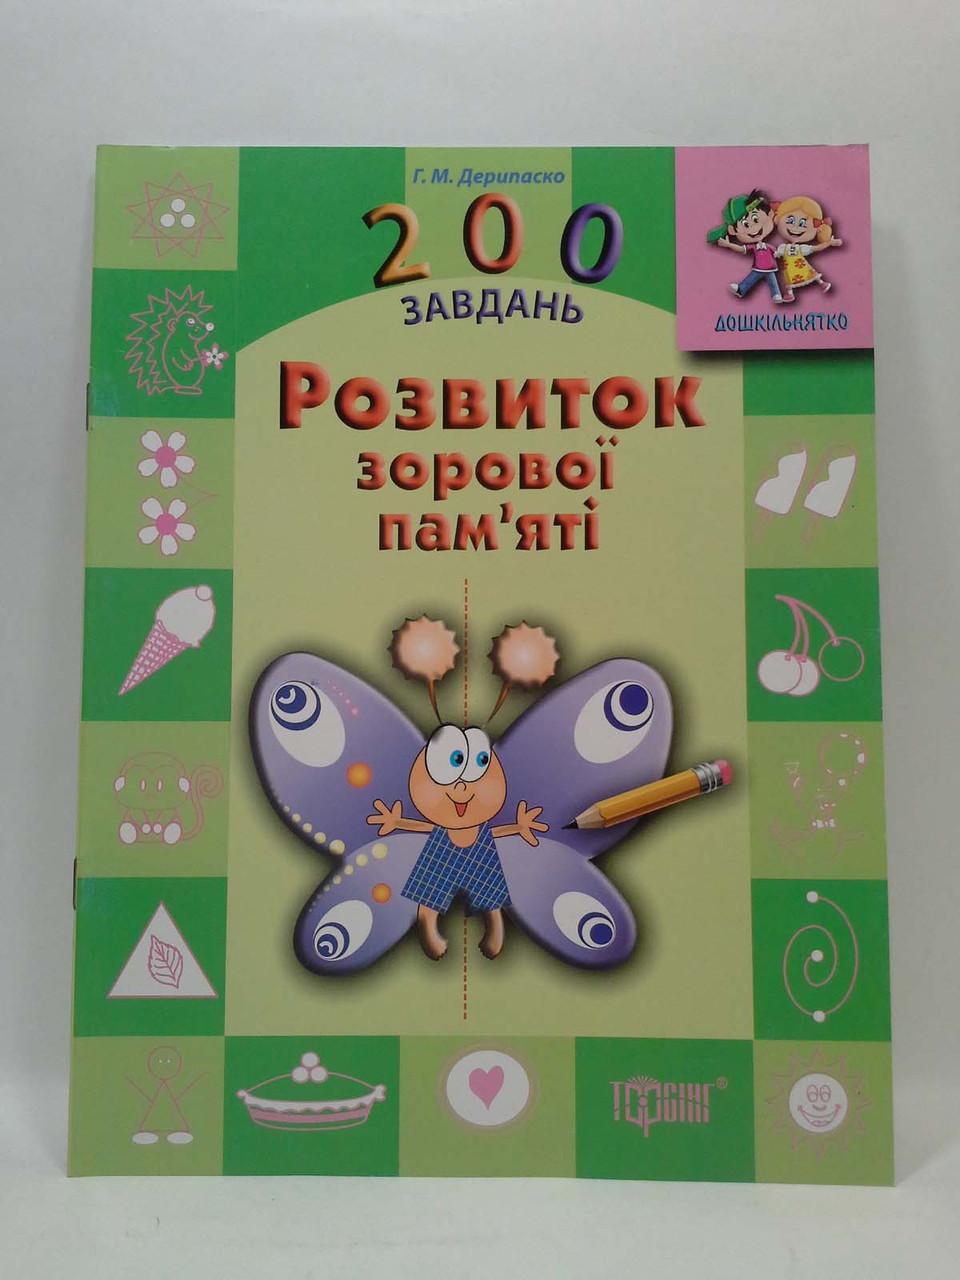 Торсінг Дошкільнятко 200 завдань Розвиток зорової памяті